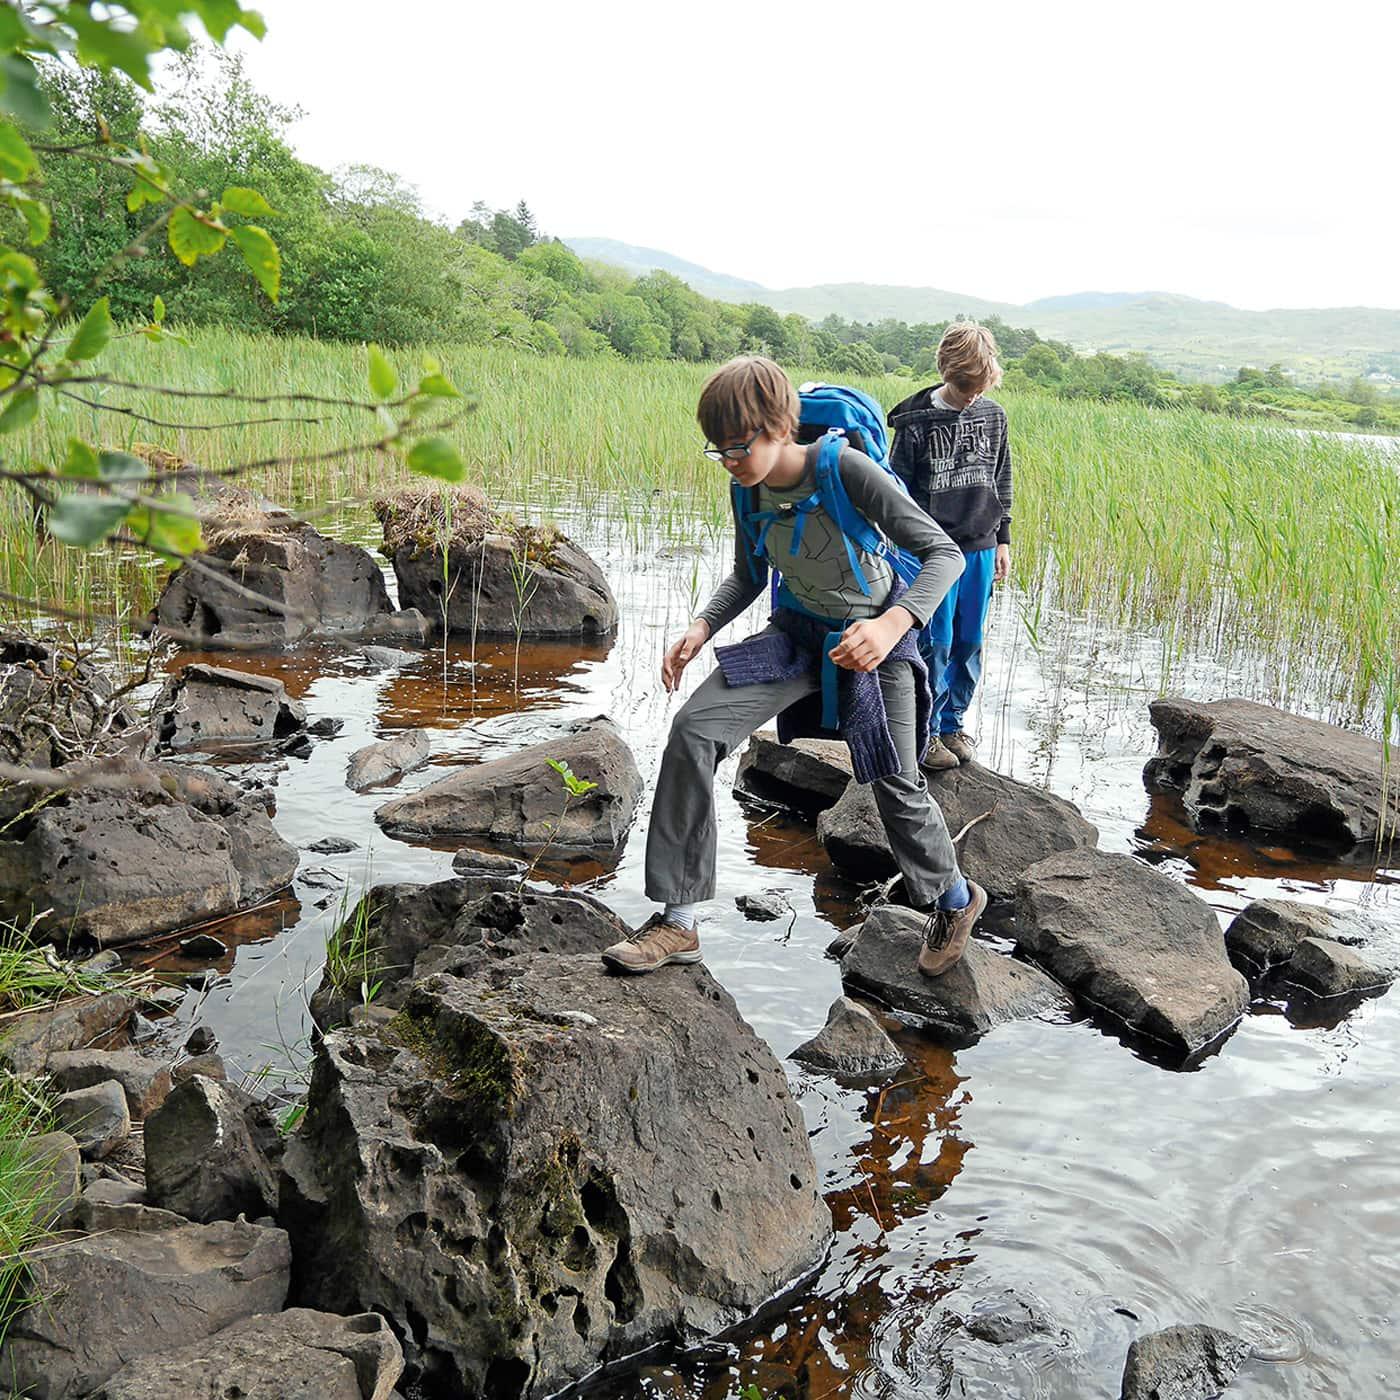 Naturzeit-Reisetipps für Familien: Wandern mit Kindern // HIMBEER